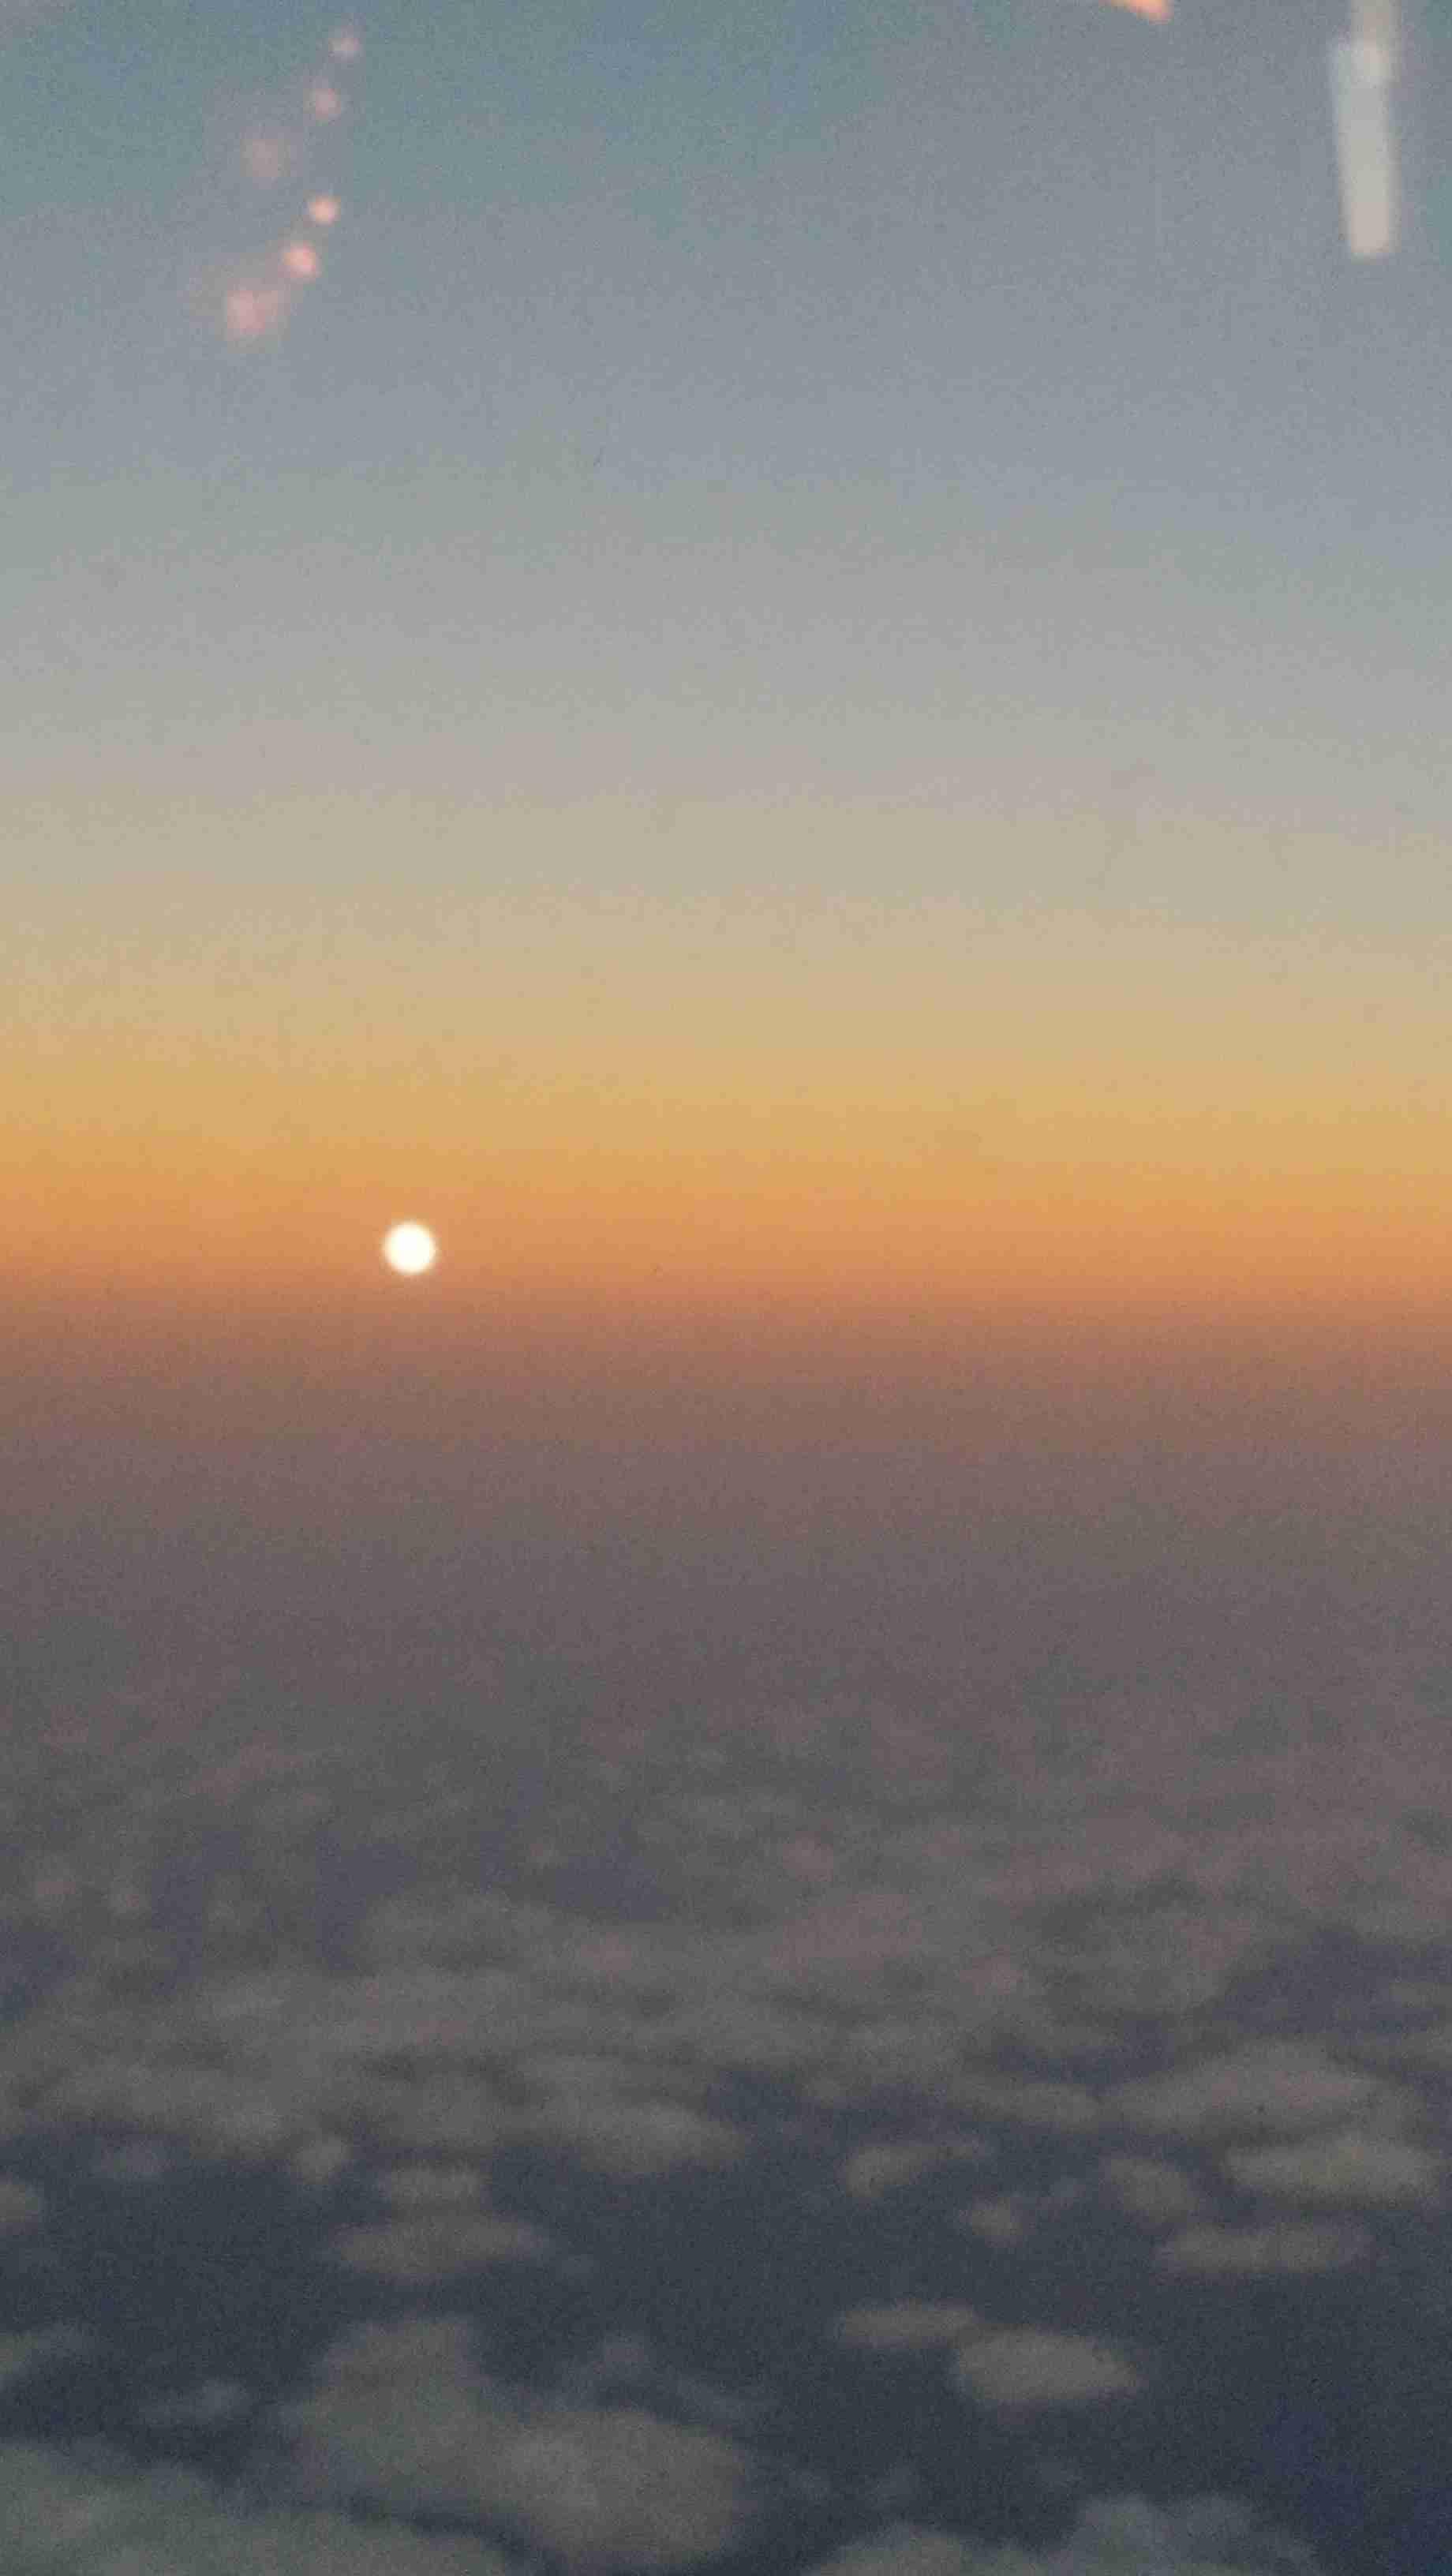 カンニング竹山がタブーに触れた!? 「実はハワイ危険説」をラジオで明かす